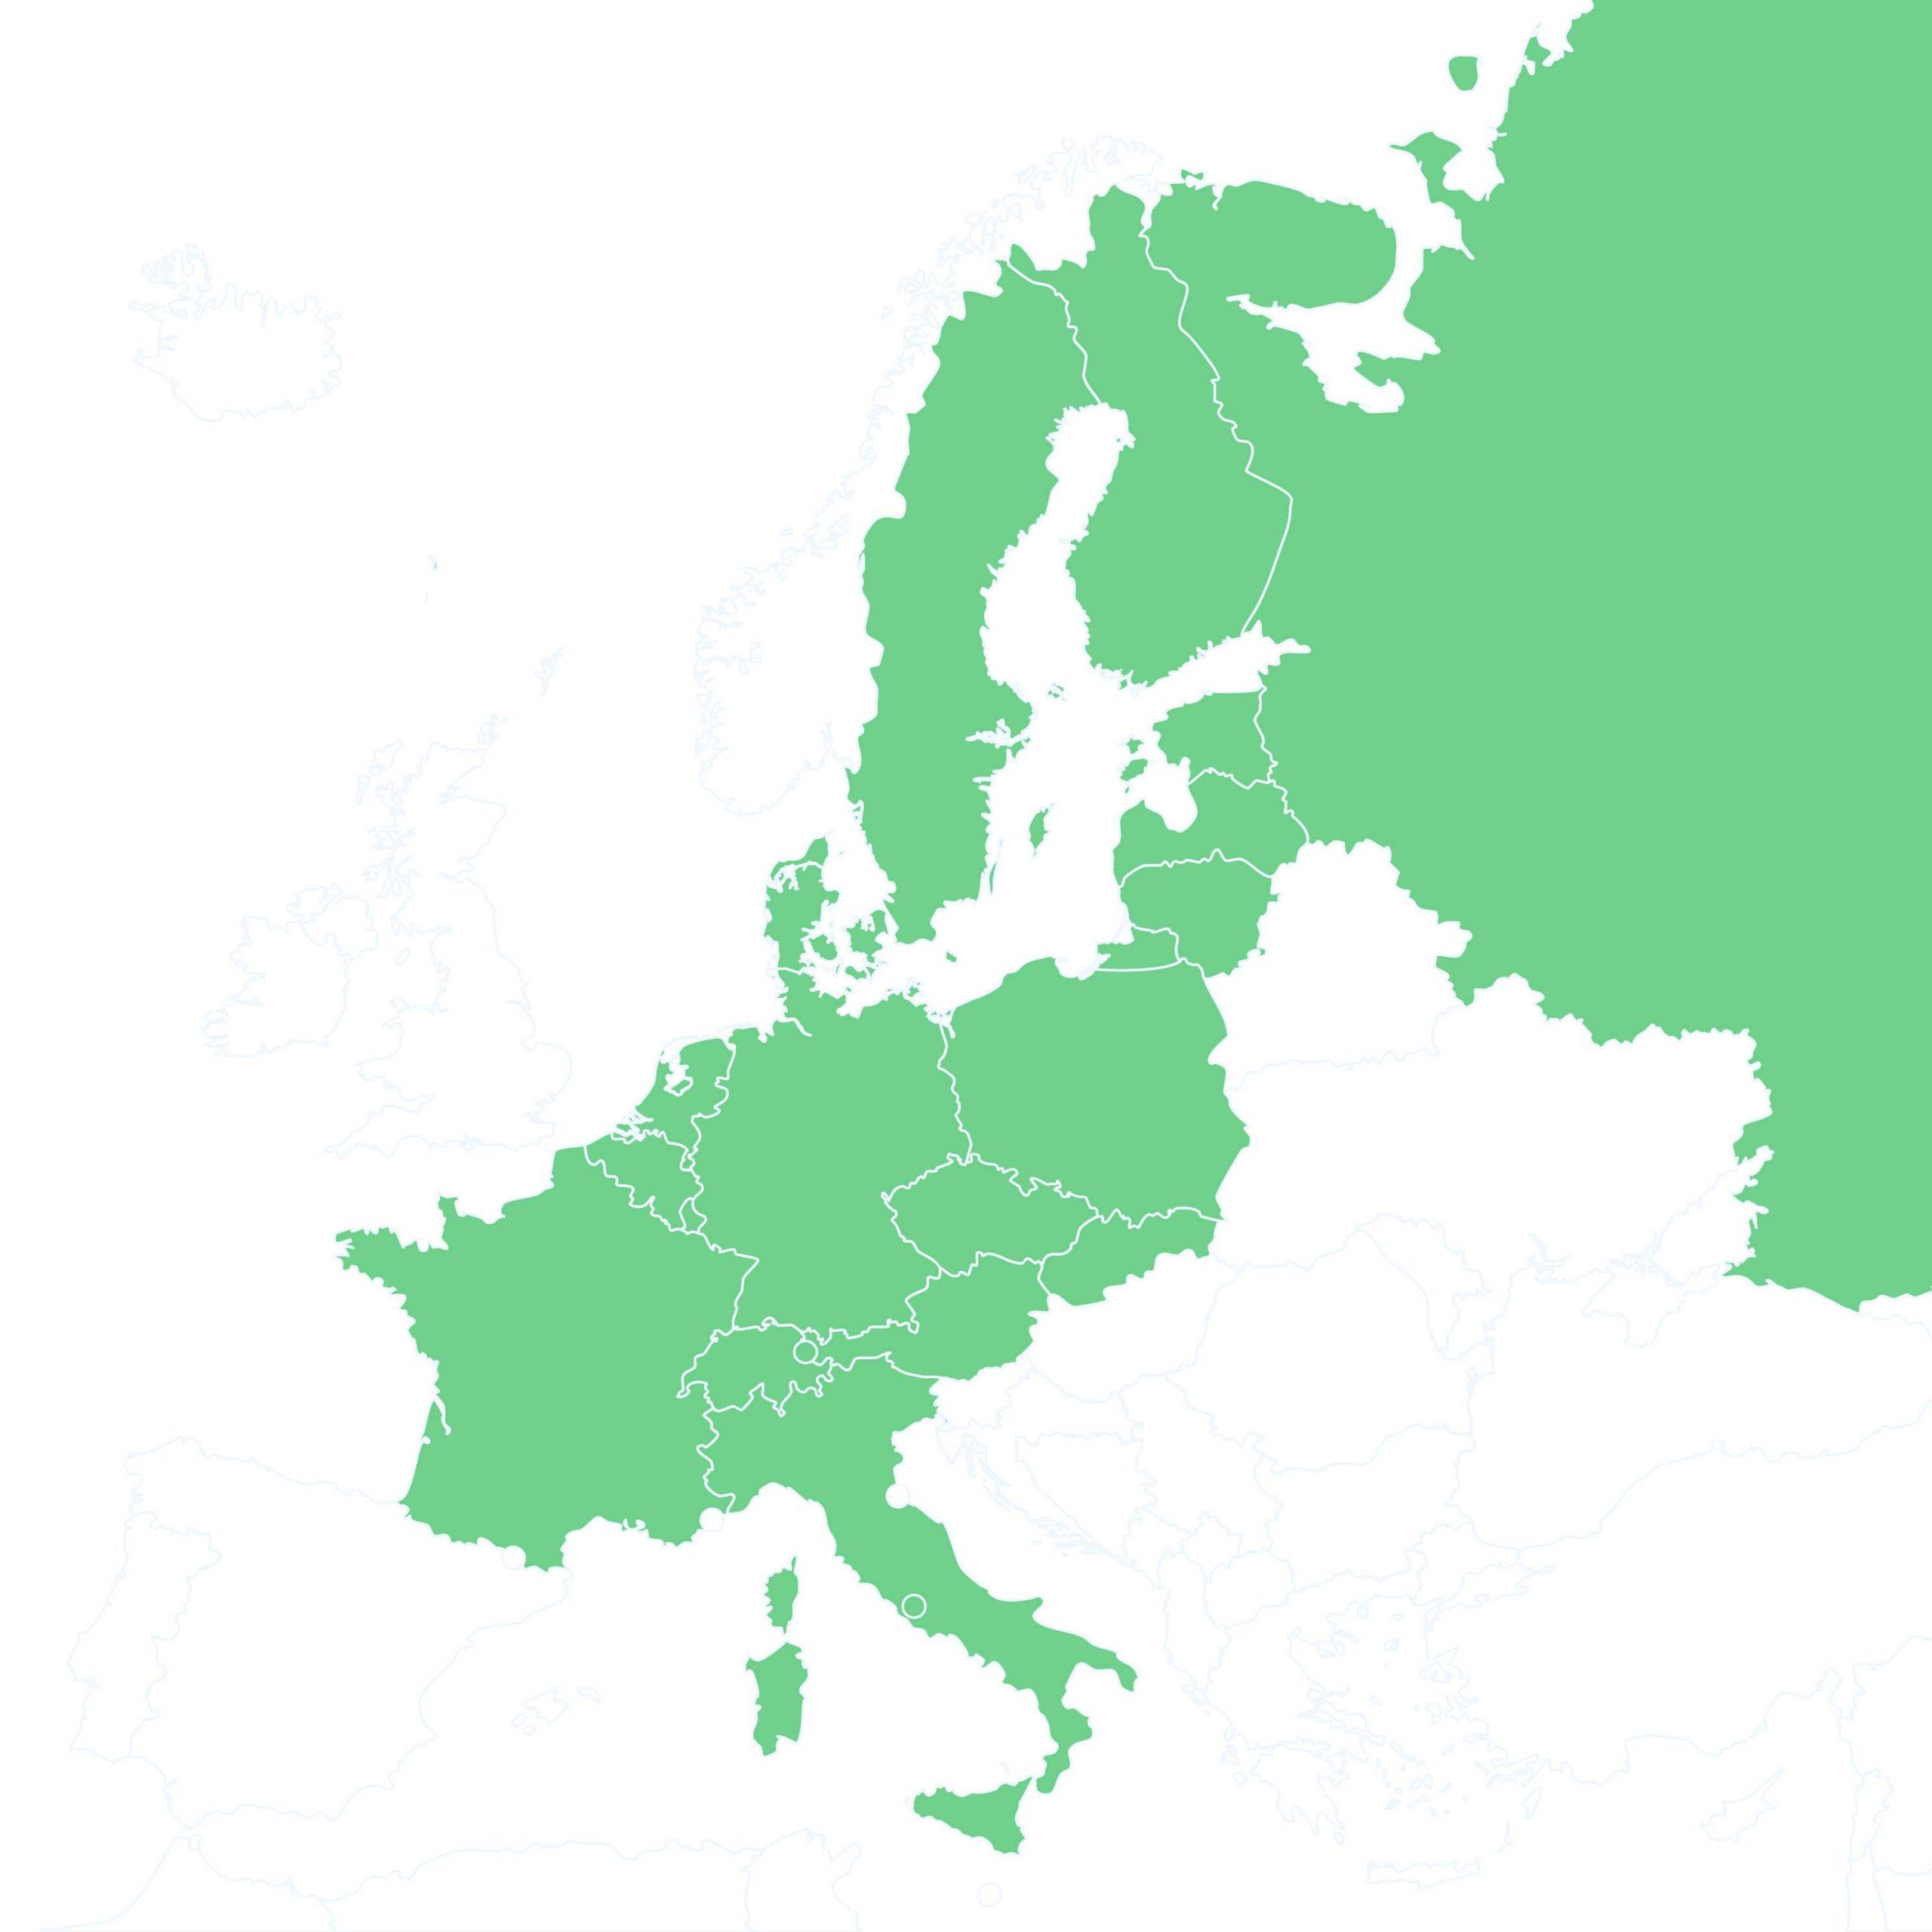 europos_žemėlapis_limoris